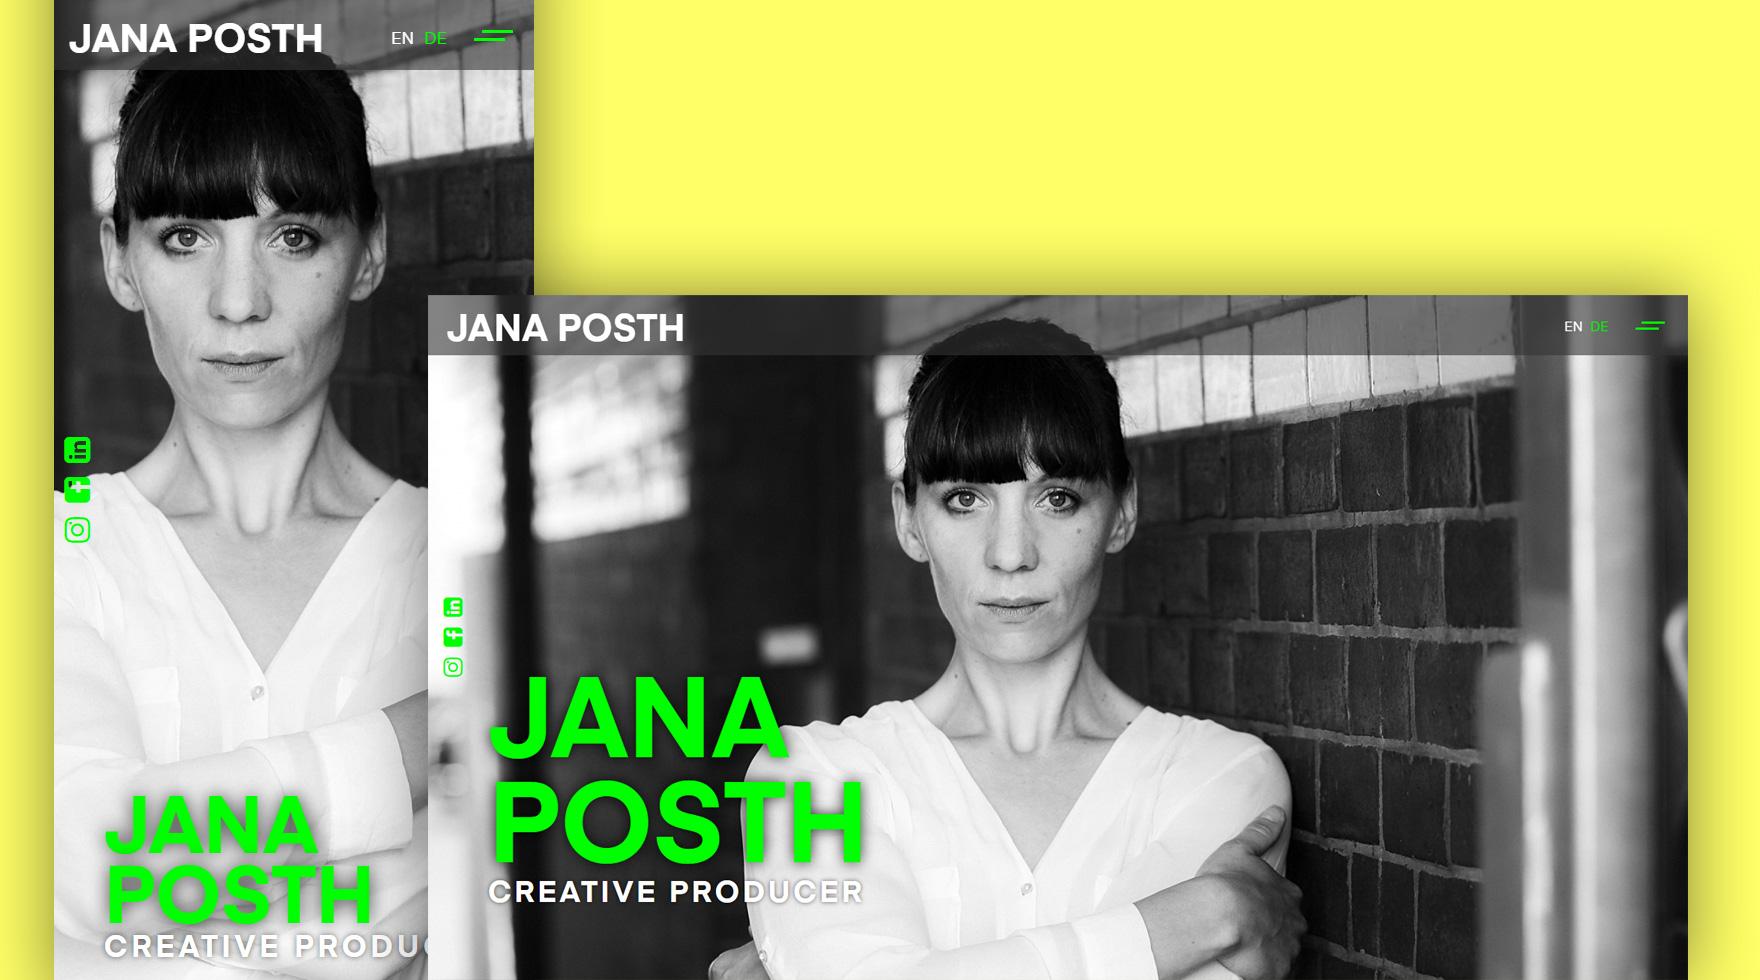 website-agentur-berlin-creative-producer